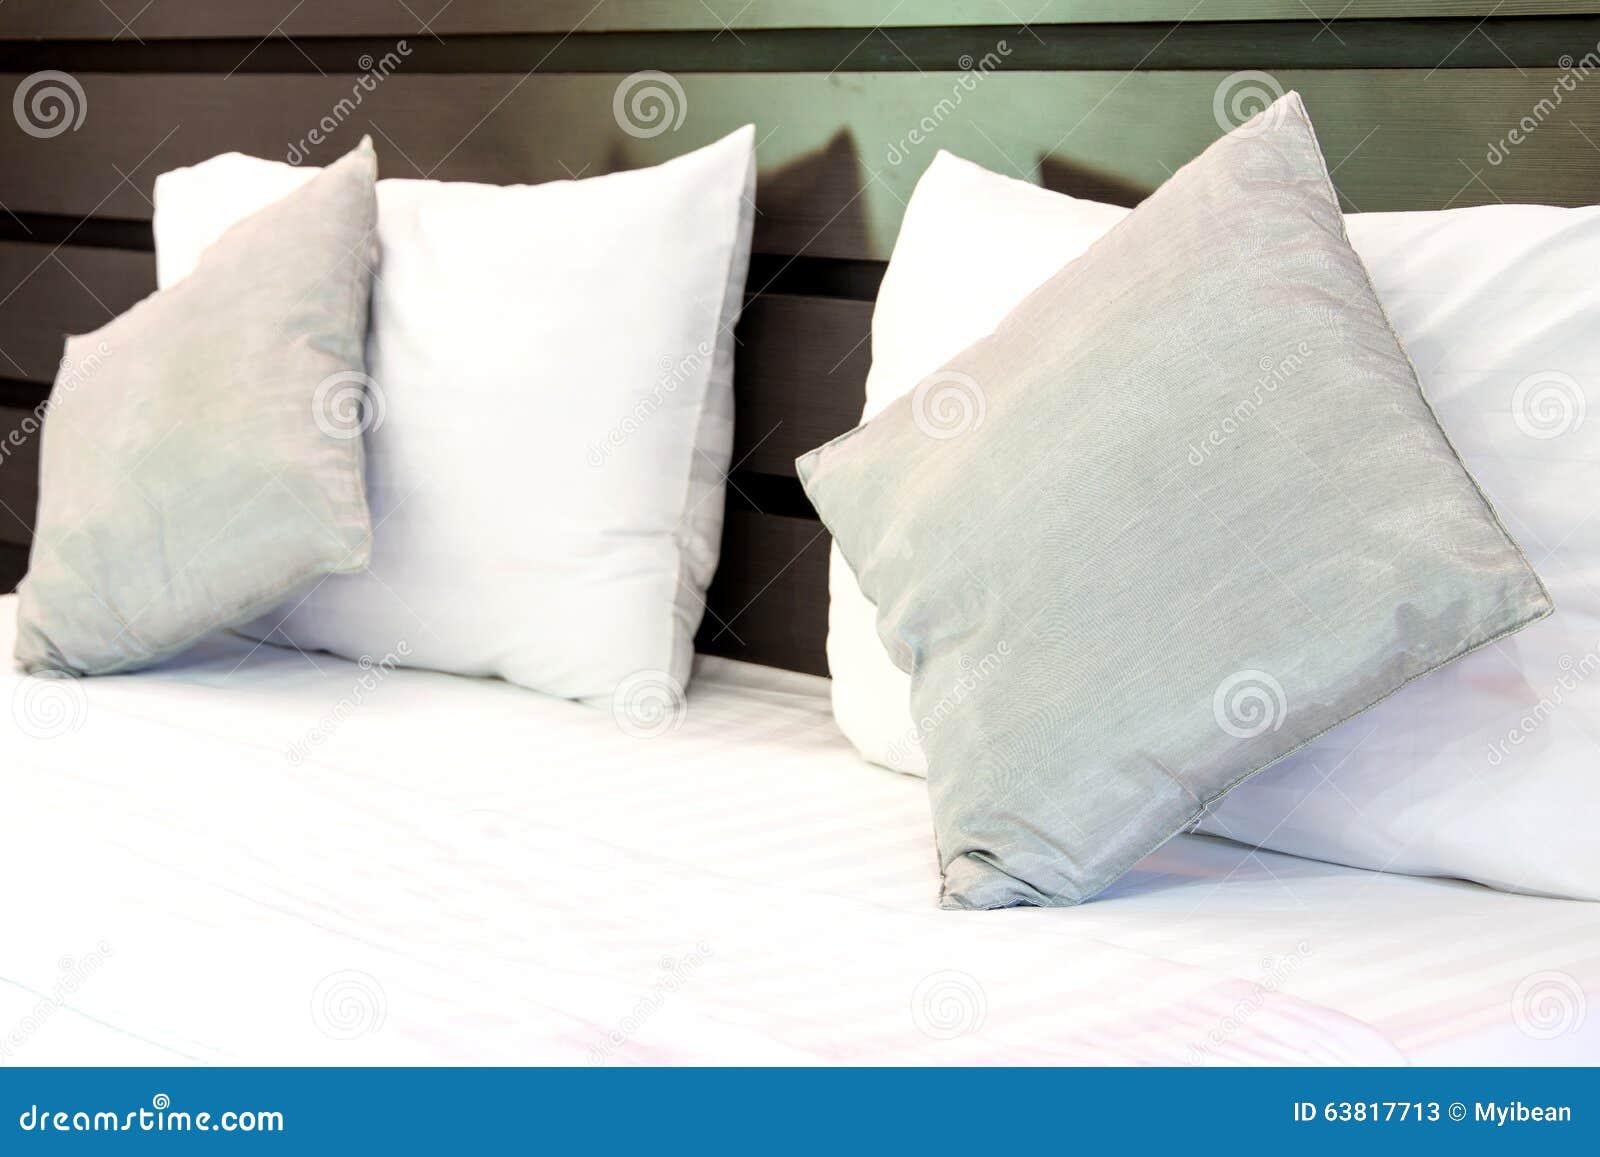 kissen auf bequemen weichen kissen eines betts auf dem bett stockfoto bild 63817713. Black Bedroom Furniture Sets. Home Design Ideas